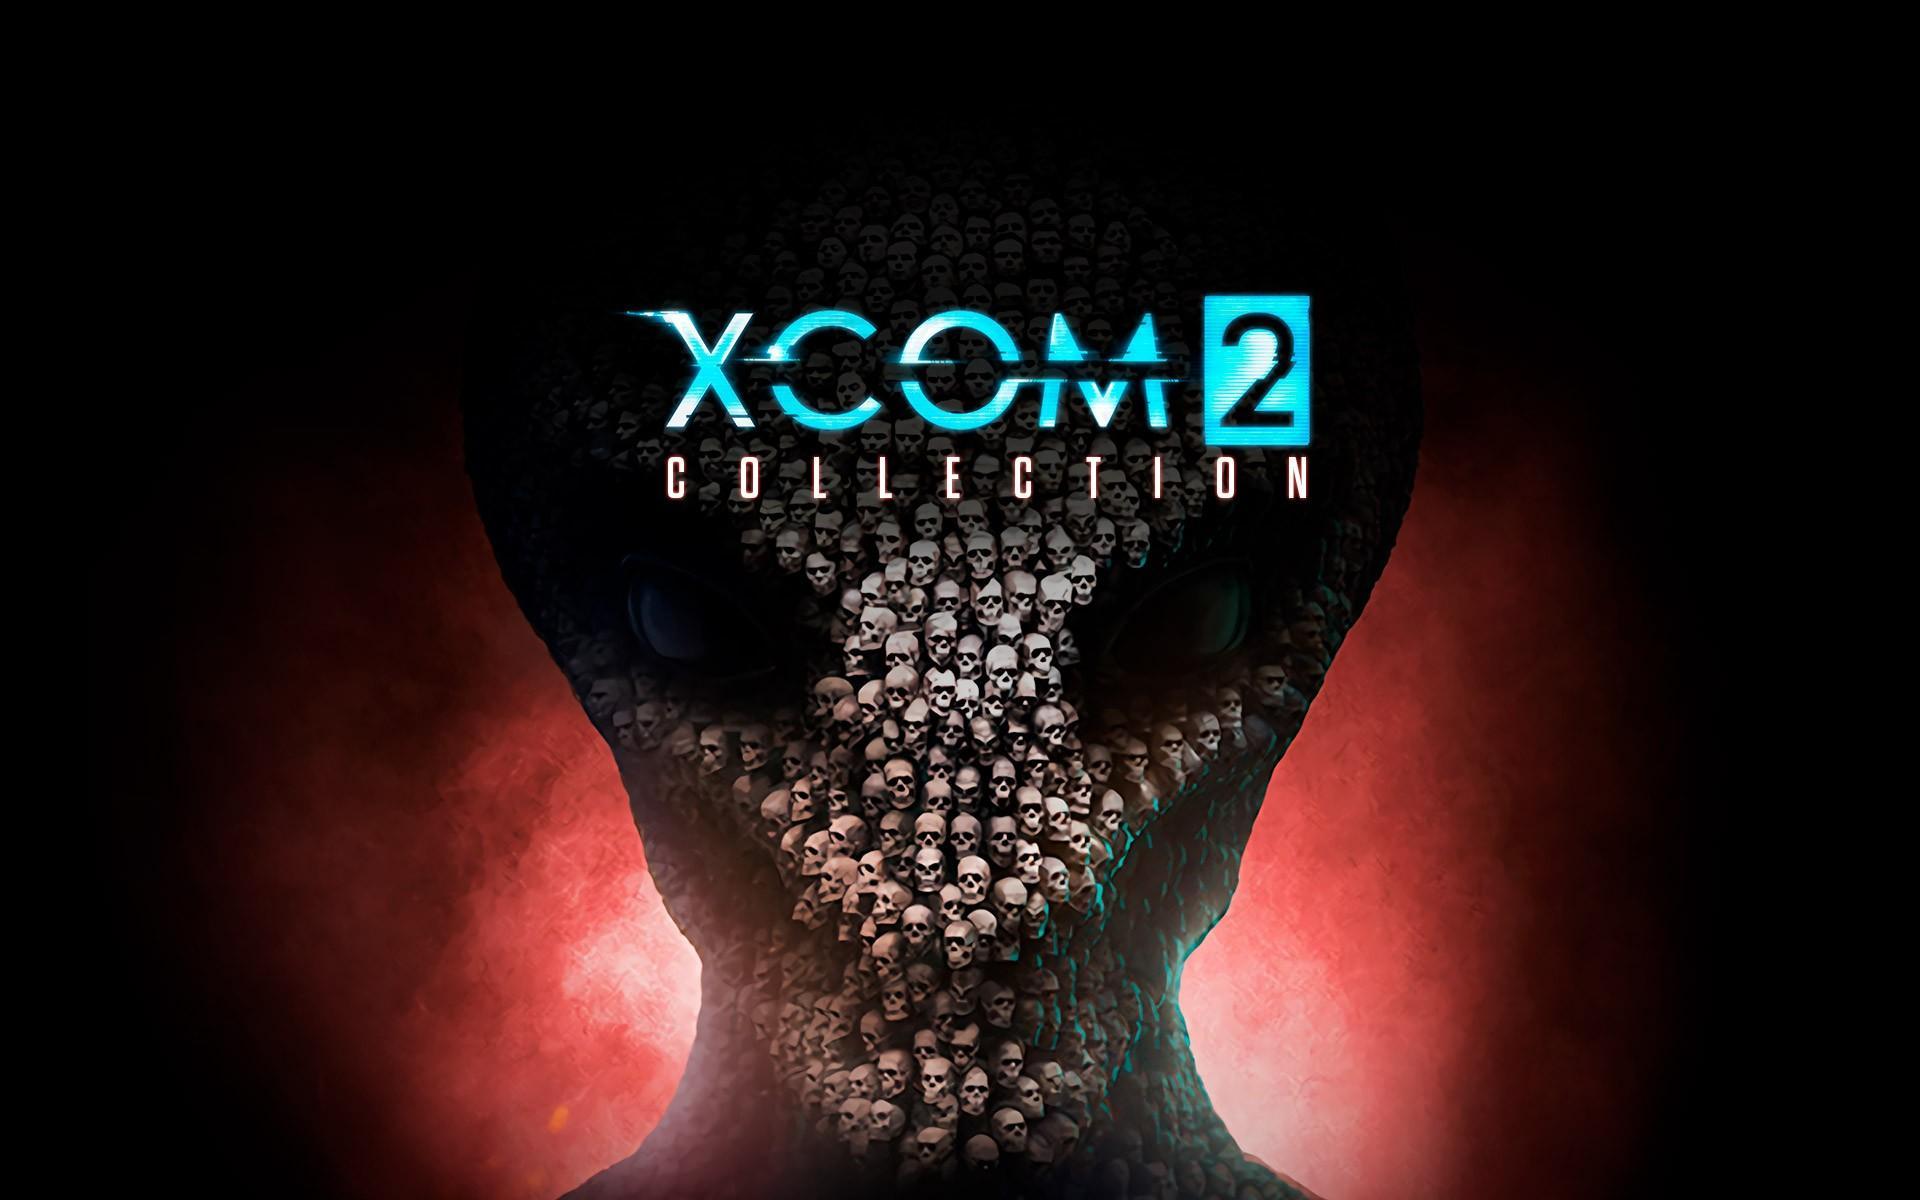 Комиссия Южной Кореи присвоила возрастной рейтинг Catherine: Full Body и XCOM 2 Collection для Nintendo Switch 98